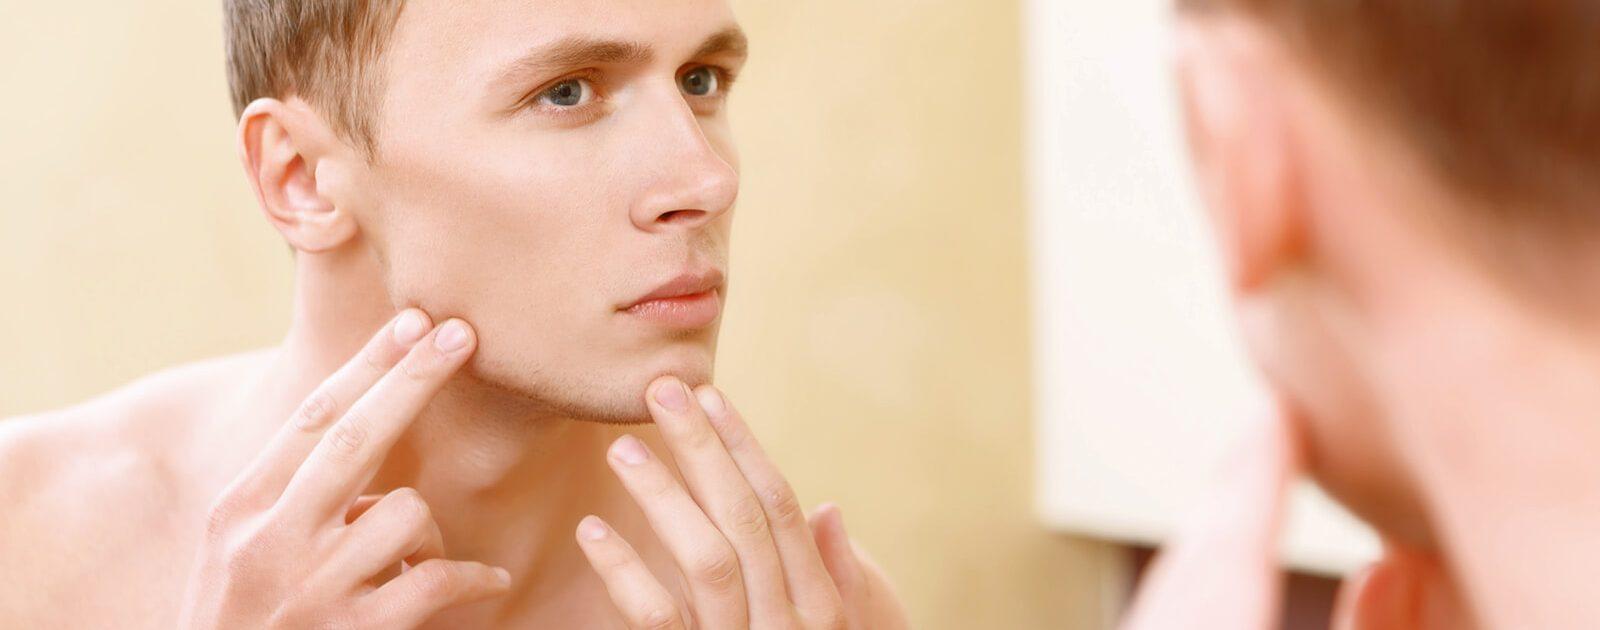 Mann sieht in den Spiegel und sucht nach Nasenfurunkel.